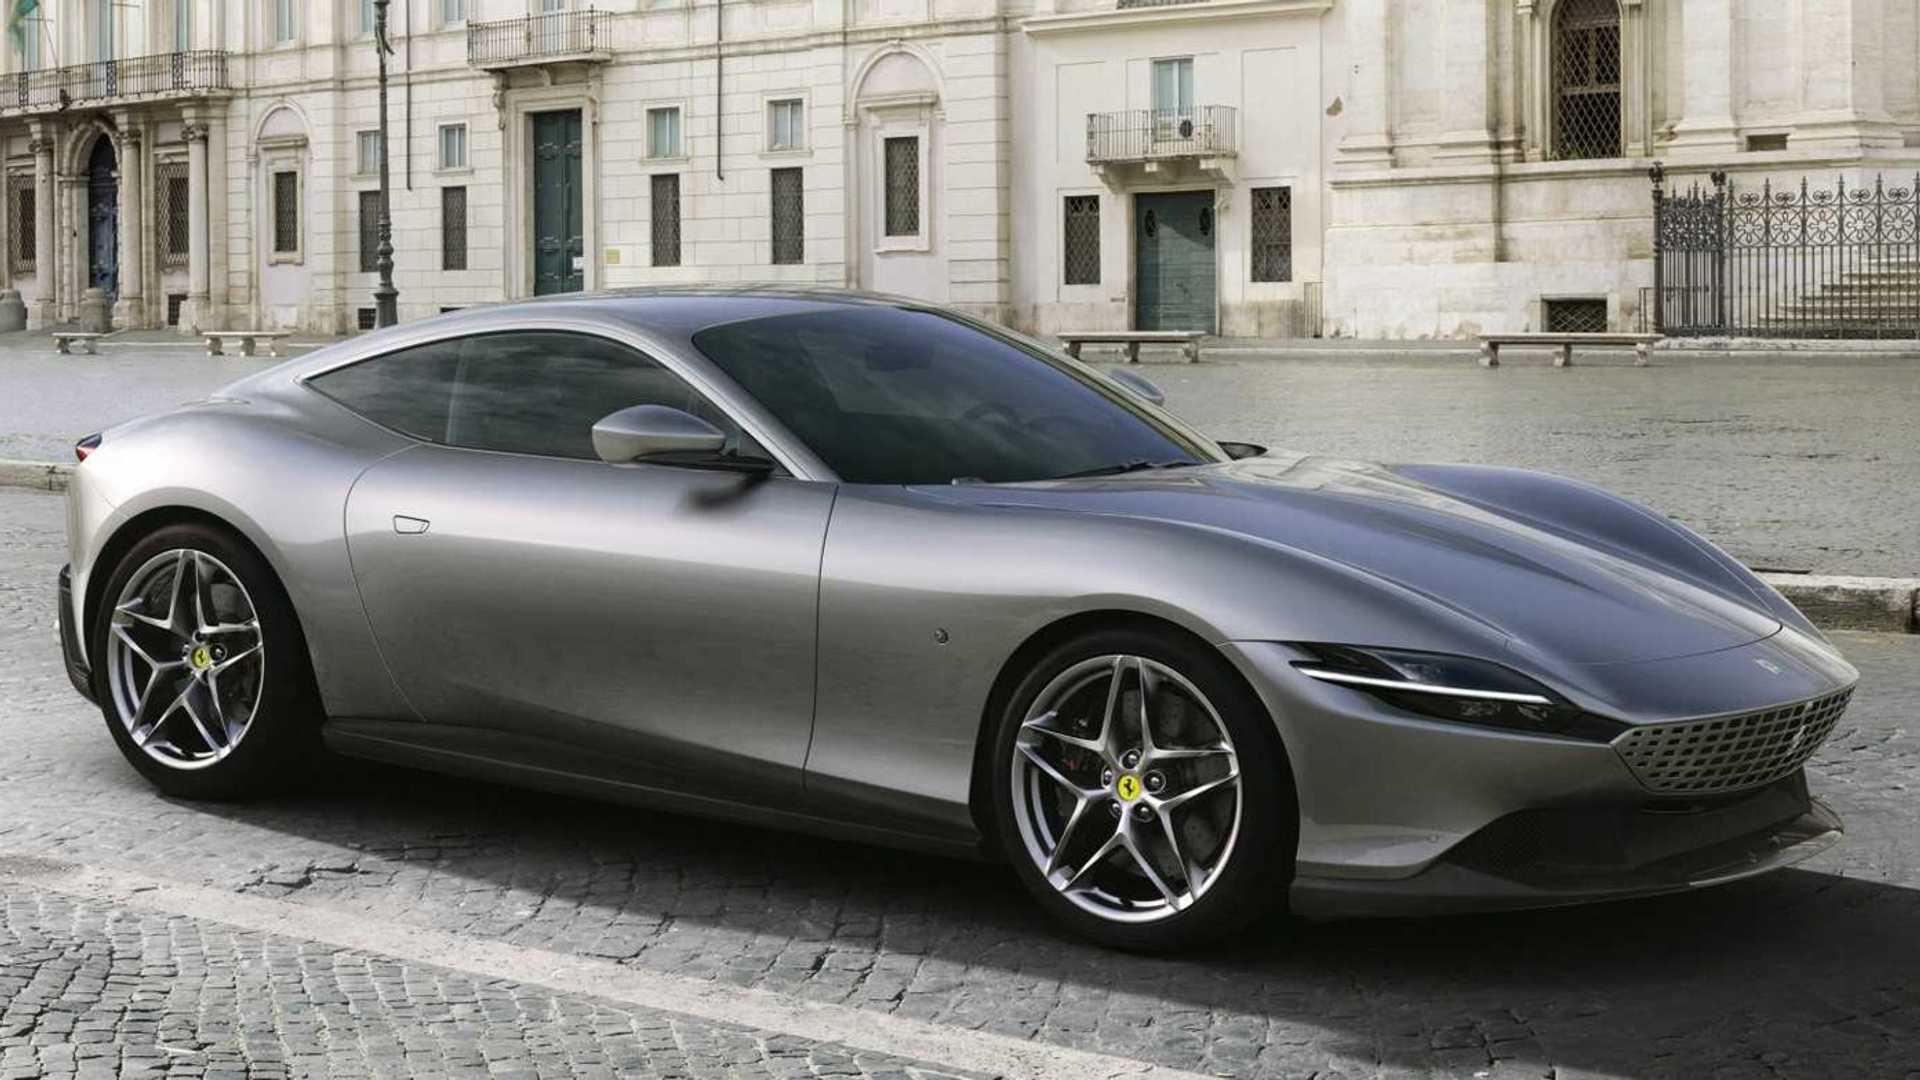 Mỗi siêu xe bán ra, Ferrari thu lời khoảng 94.000 USD